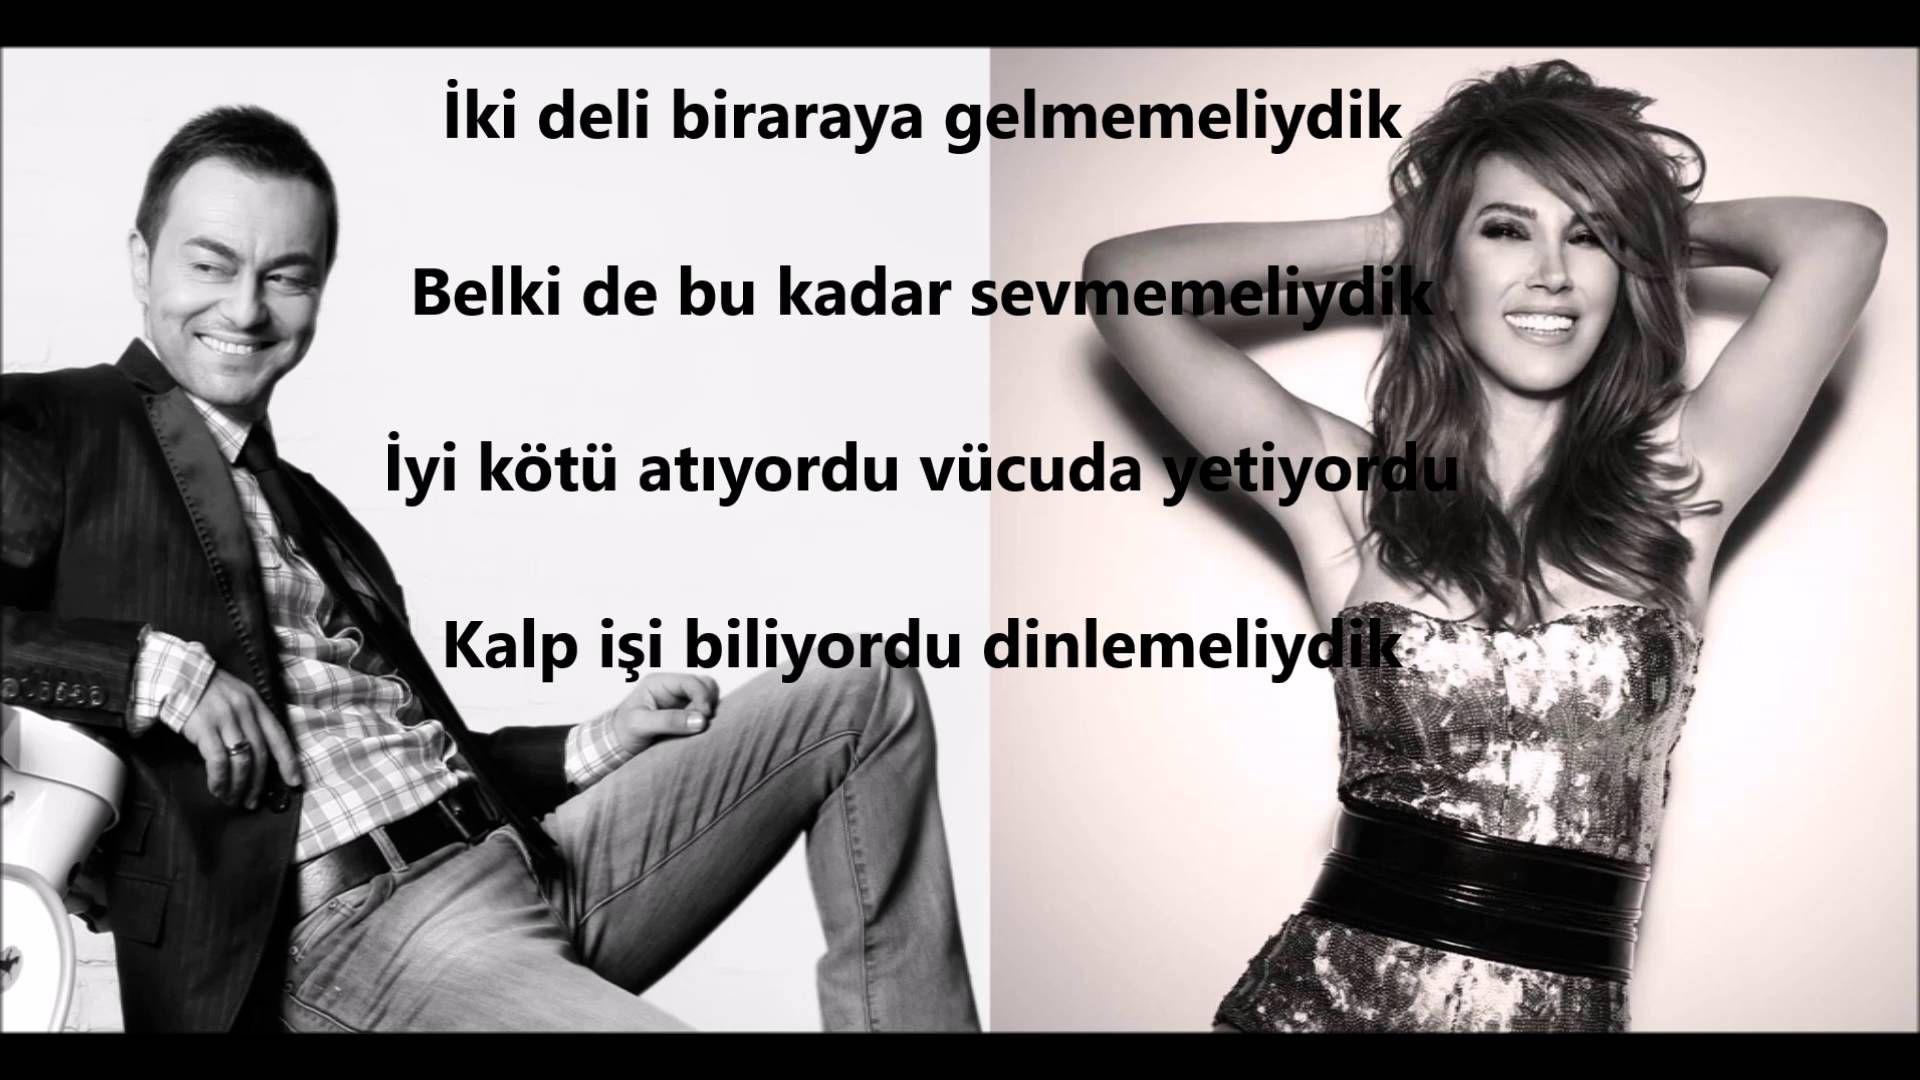 Murat Boz Bir Dünya Şarkı Sözü (Ağlamayı Da Bırak Sözleri)